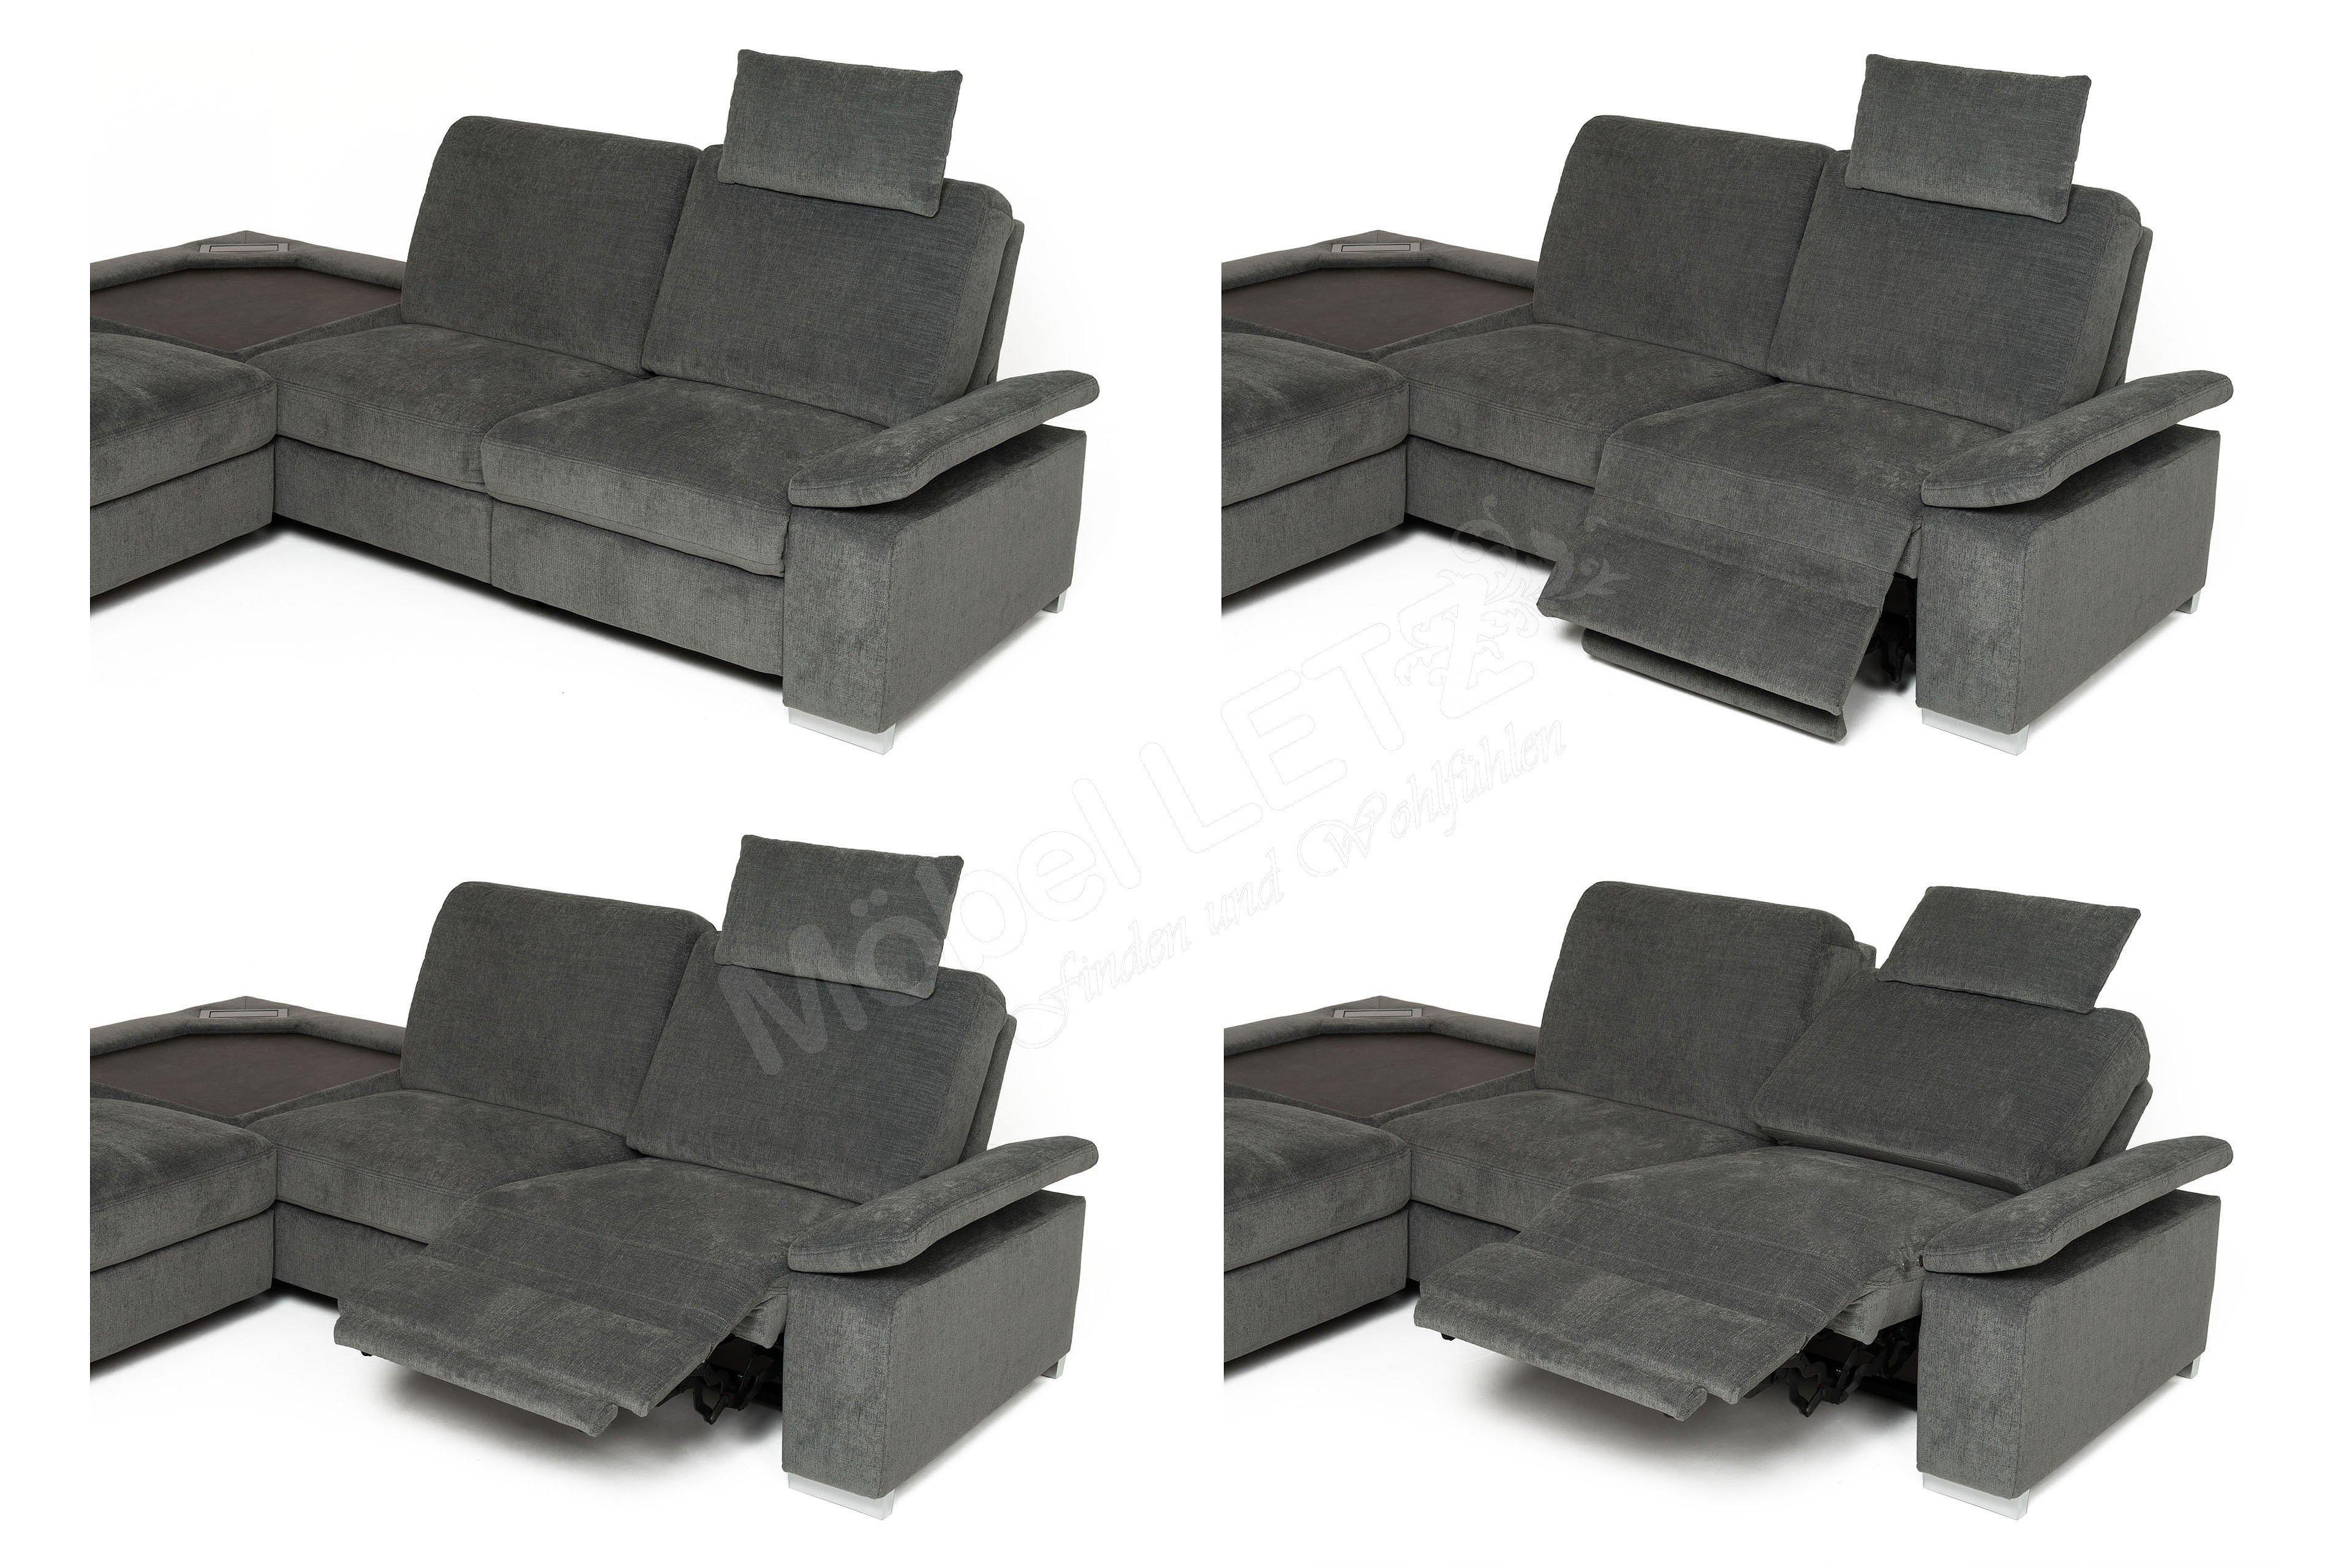 charmant polstermobel oelsa rabenau fotos die besten. Black Bedroom Furniture Sets. Home Design Ideas